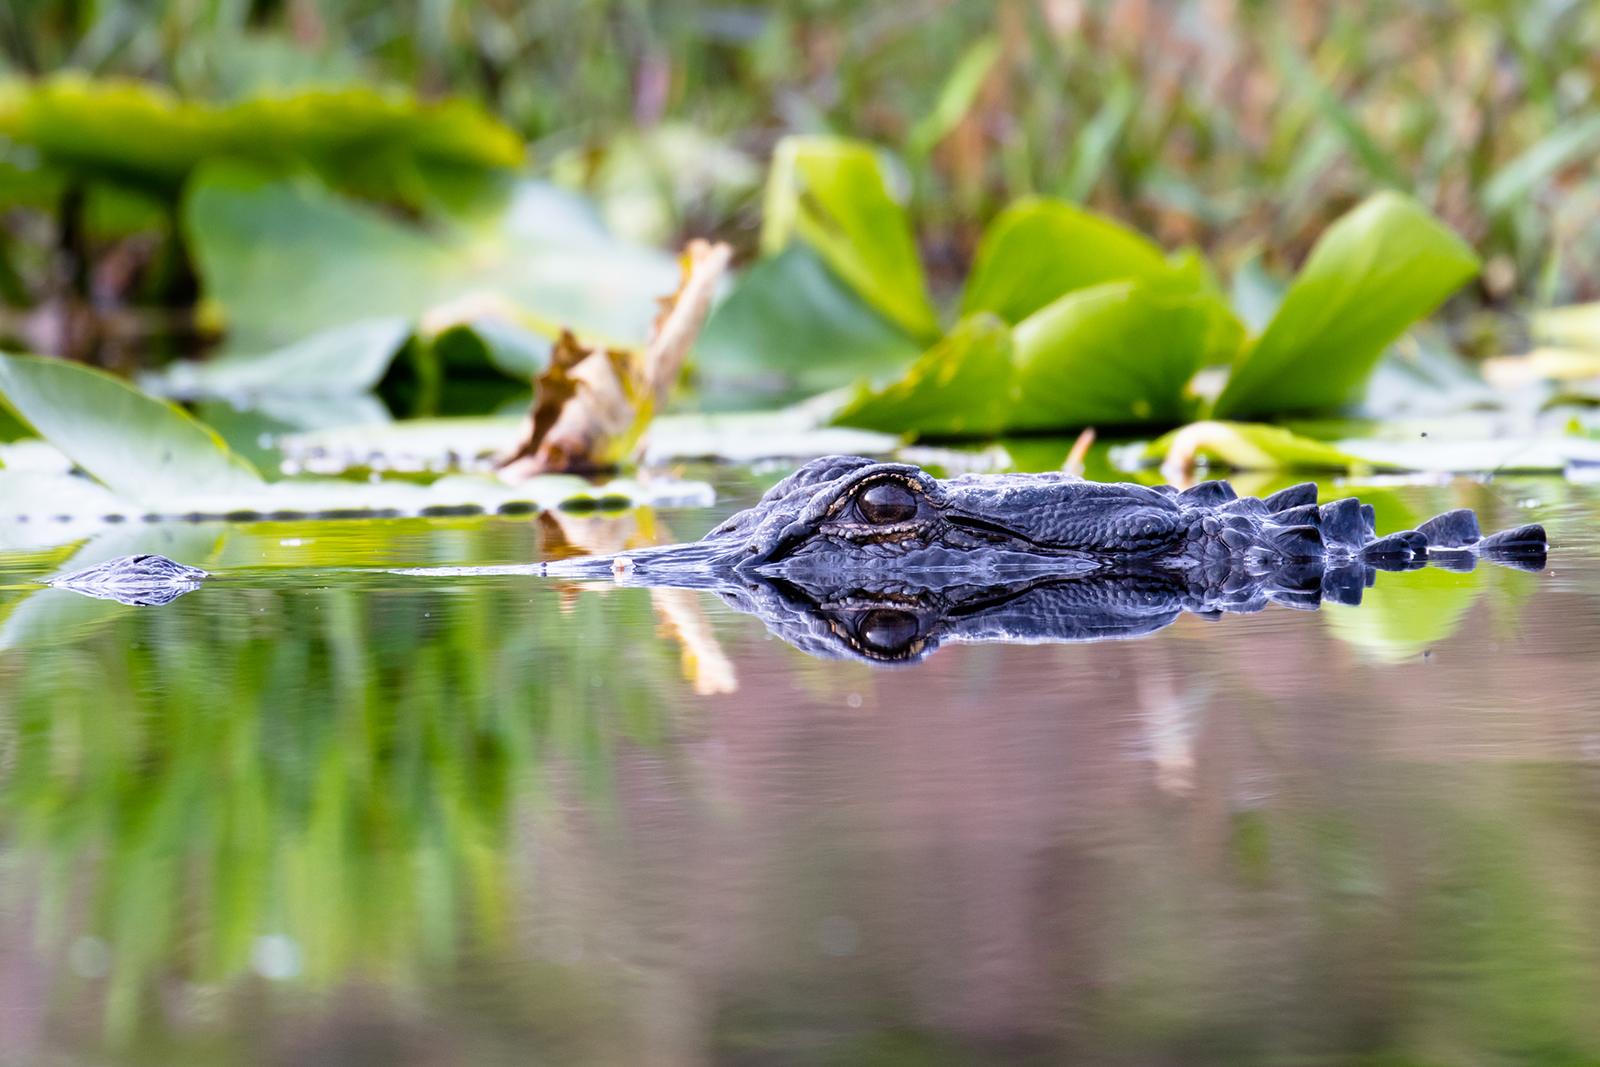 Submerged Alligator